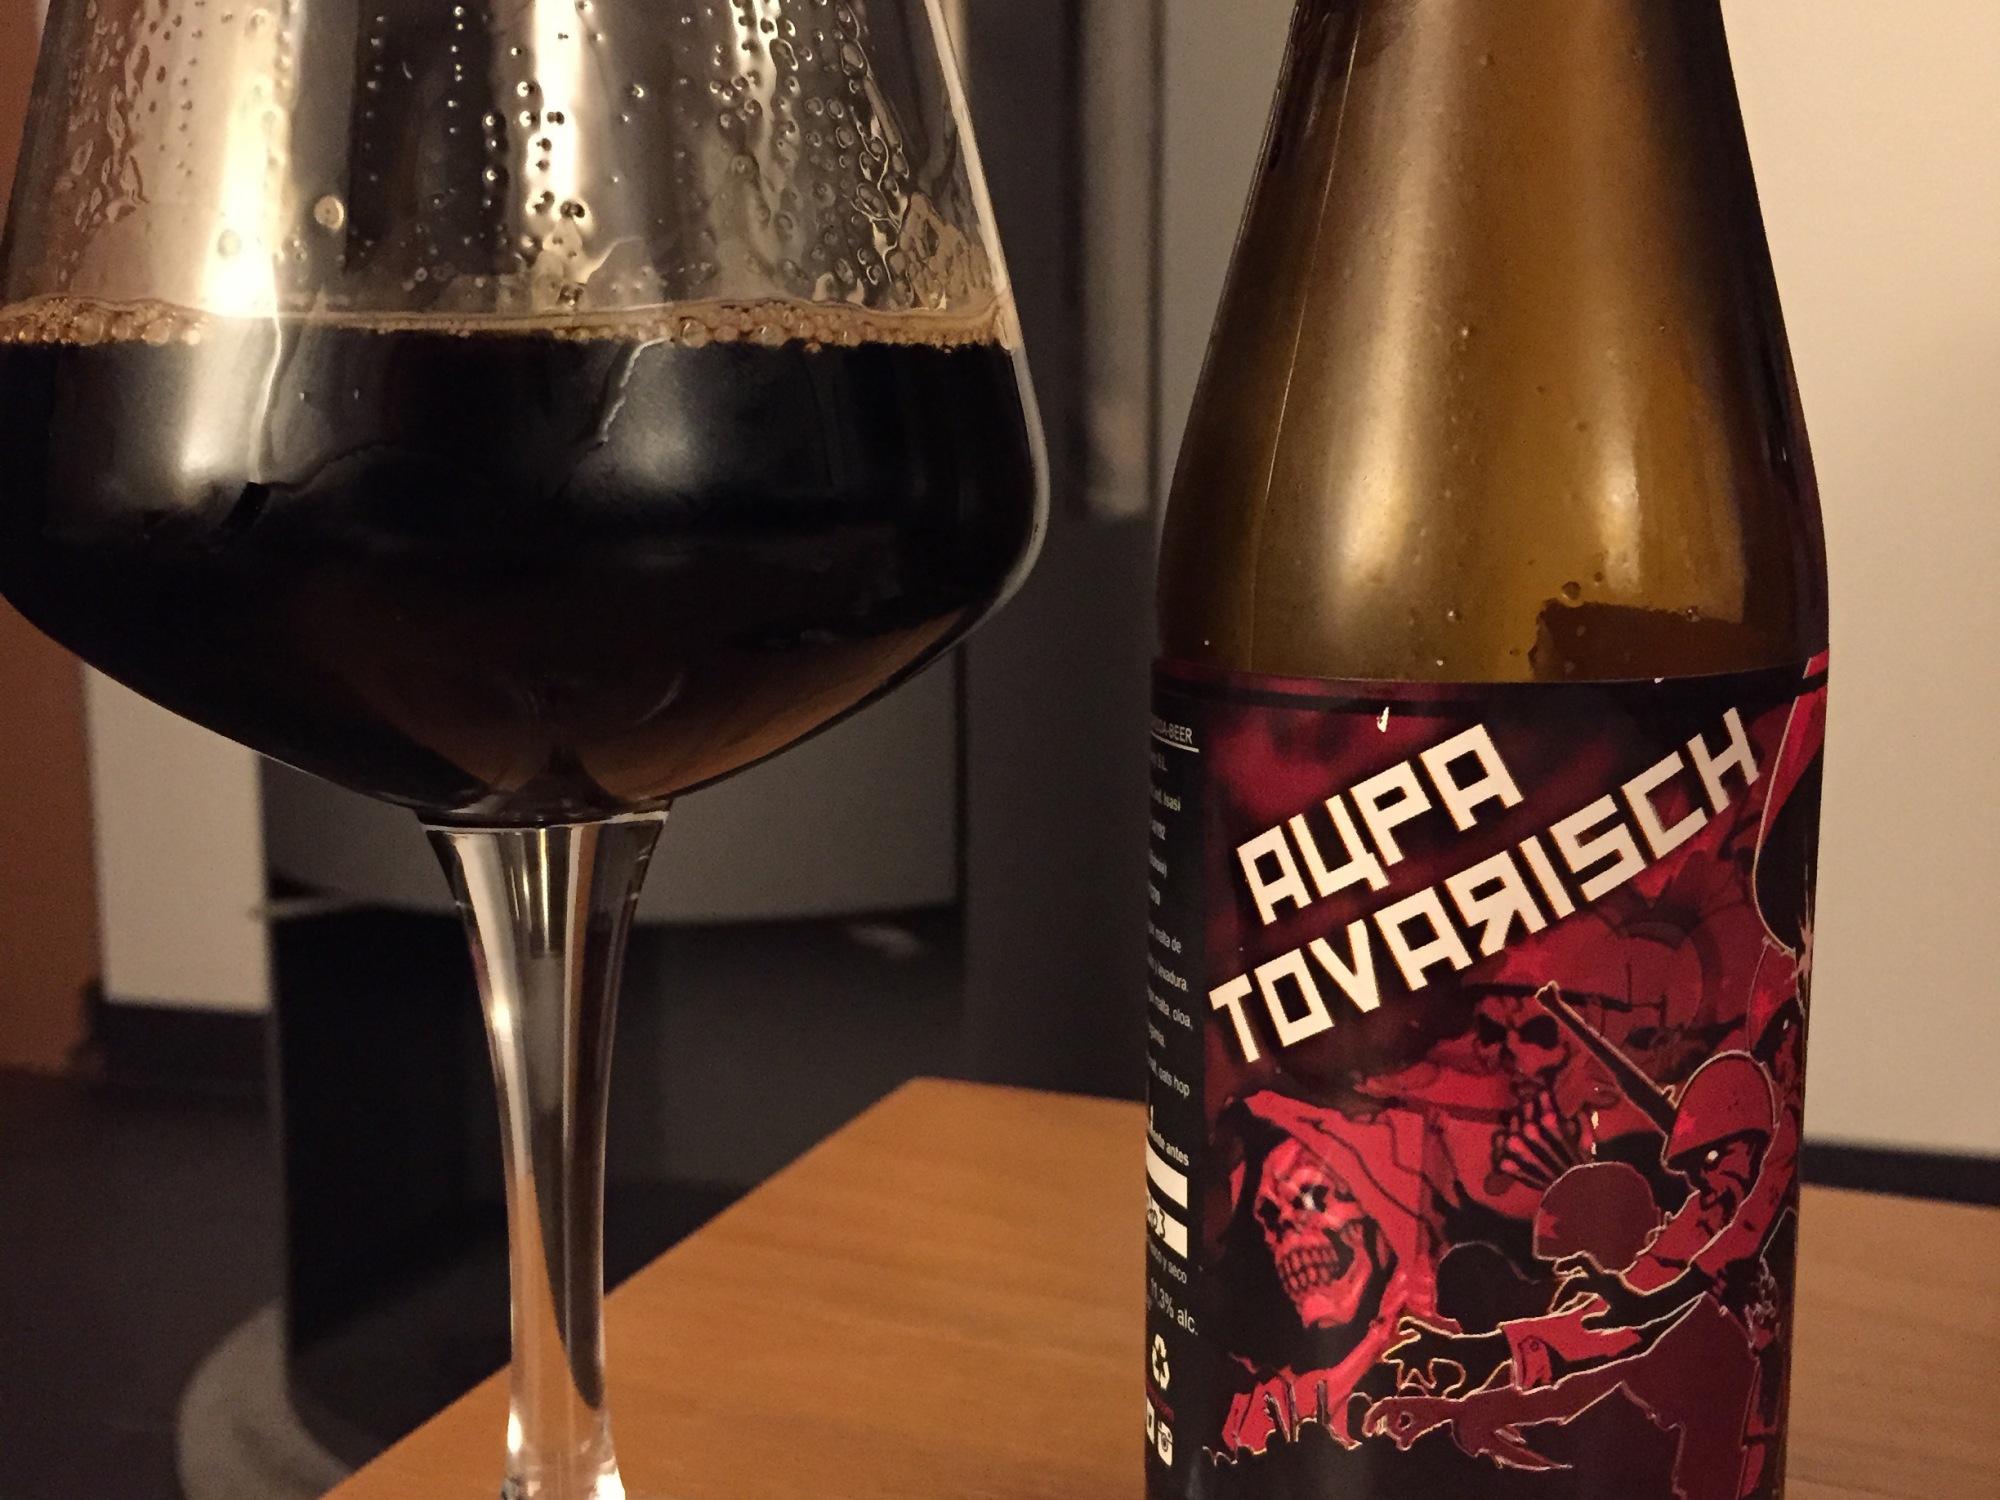 Aupa Tovarisch